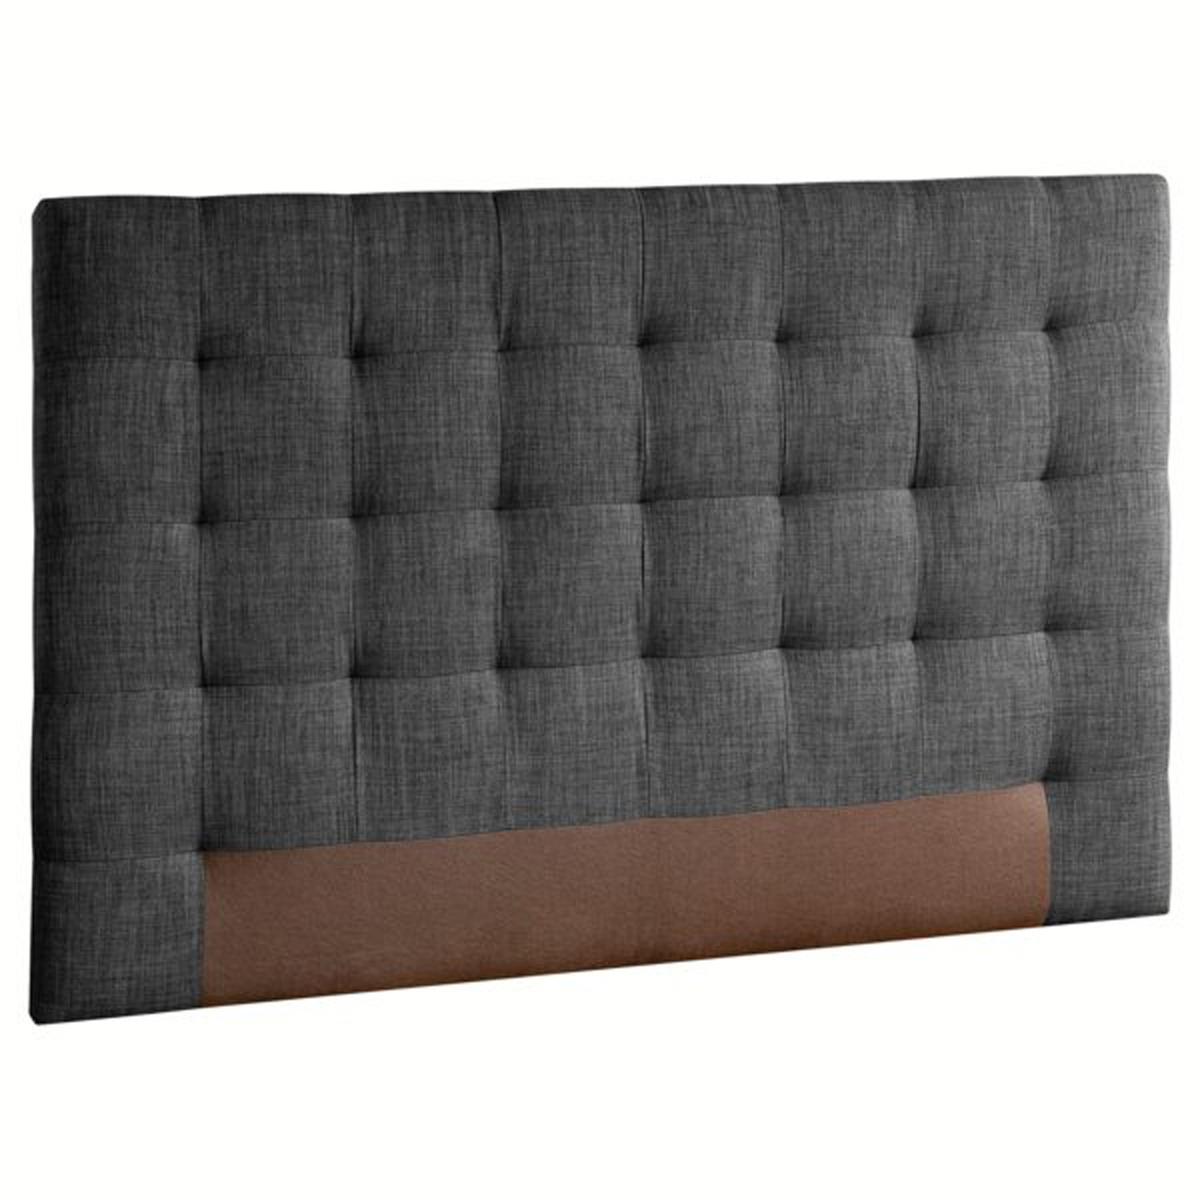 Изголовье LaRedoute Кровати Selve высота 100 см 160 см серый изголовье laredoute кровати selve 180 см серый